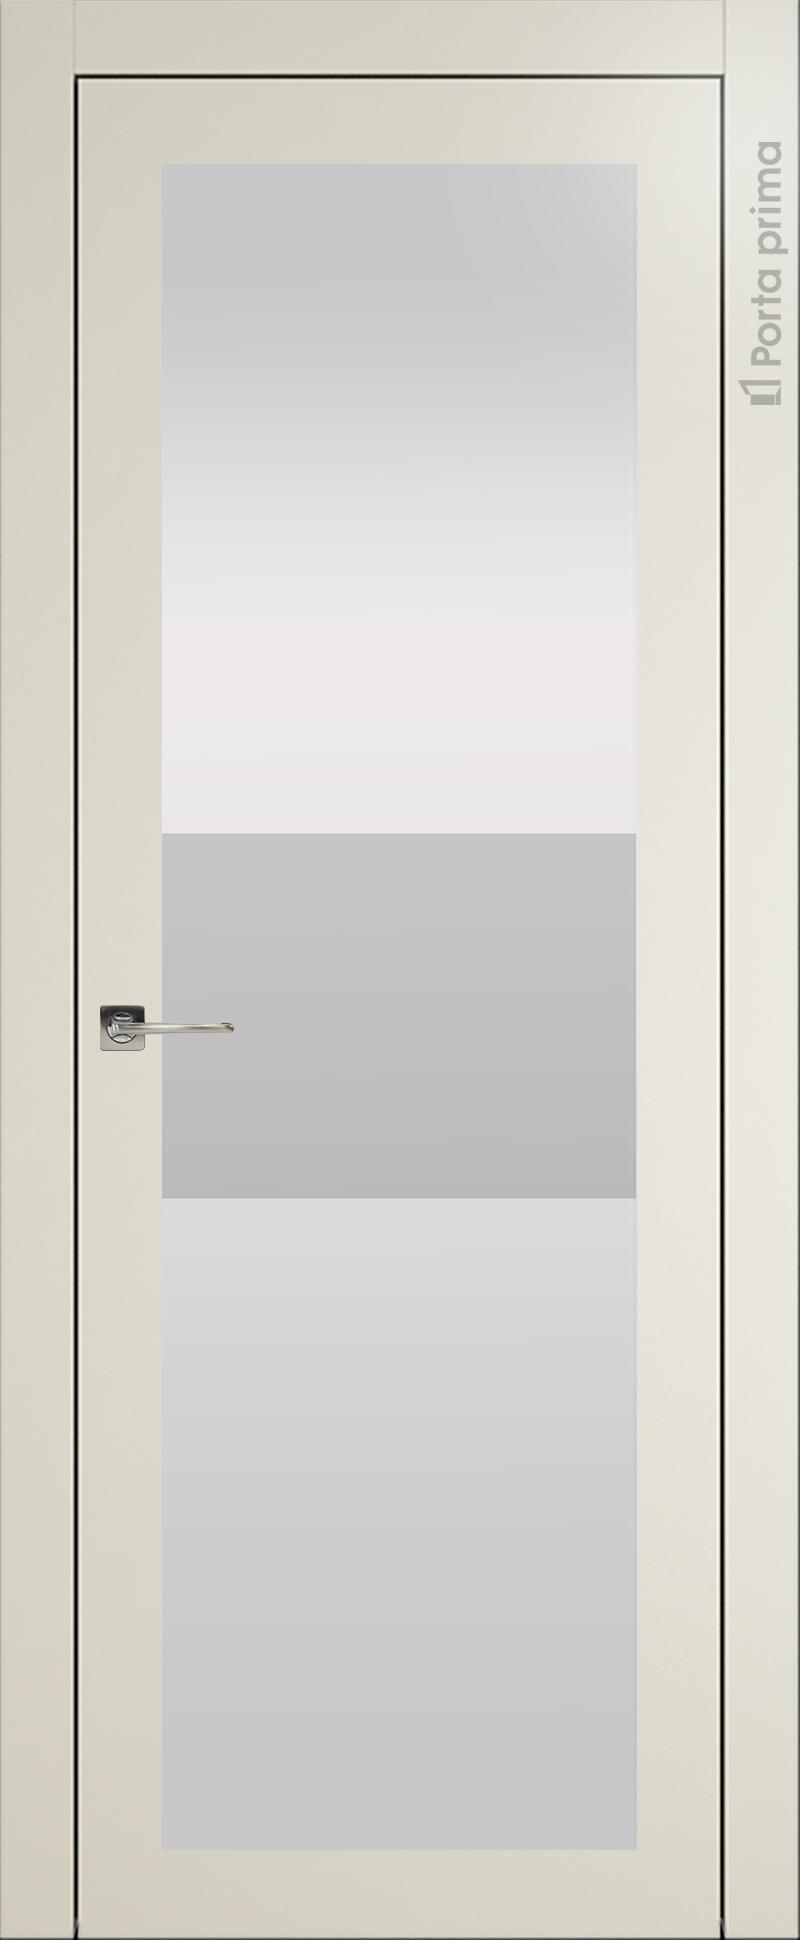 Tivoli З-4 цвет - Жемчужная эмаль (RAL 1013) Со стеклом (ДО)